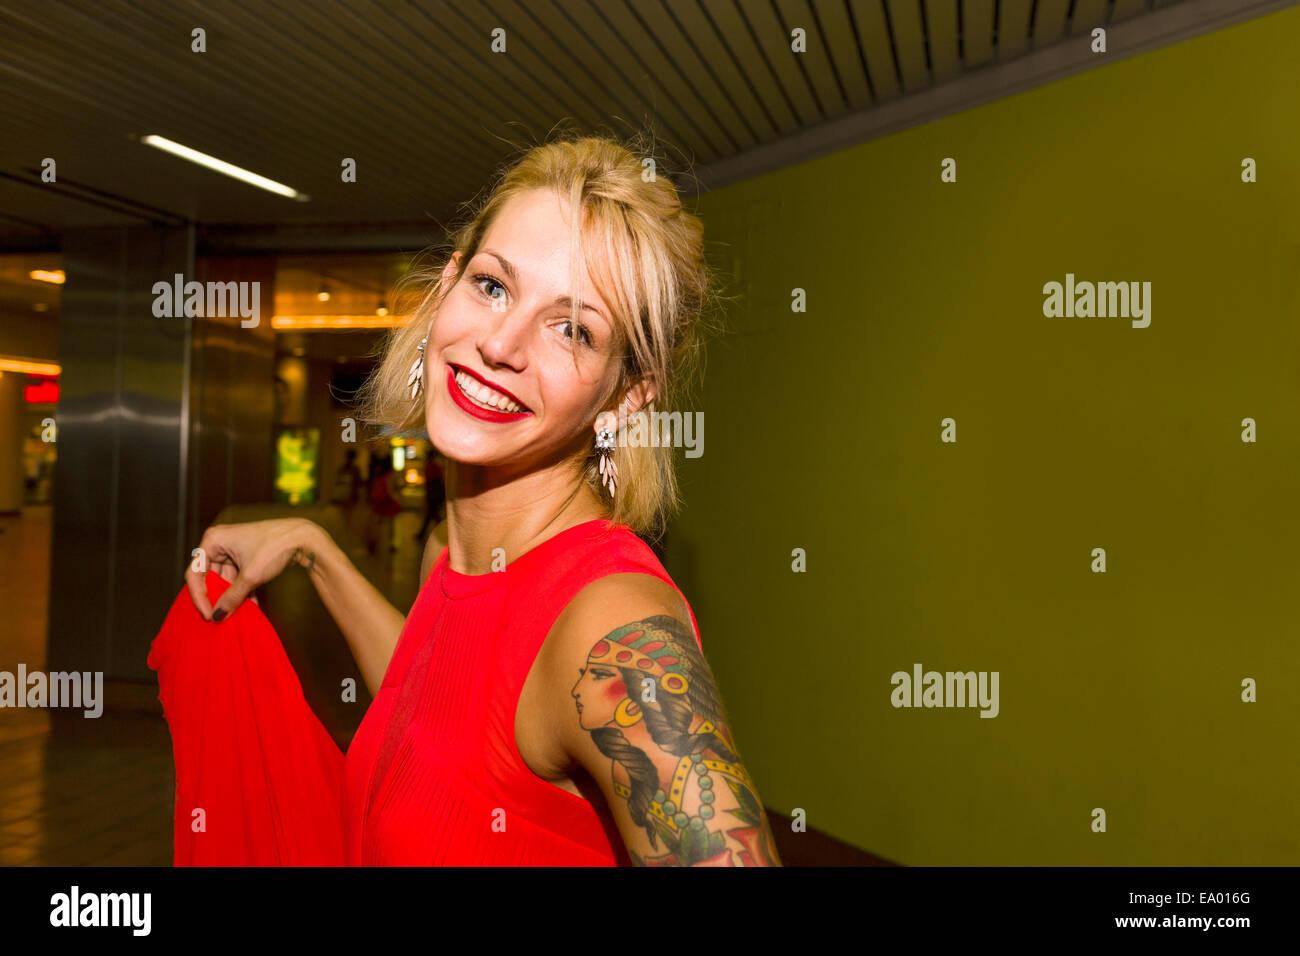 Ritratto di giovane donna che indossa abito rosso nella stazione della metropolitana Immagini Stock